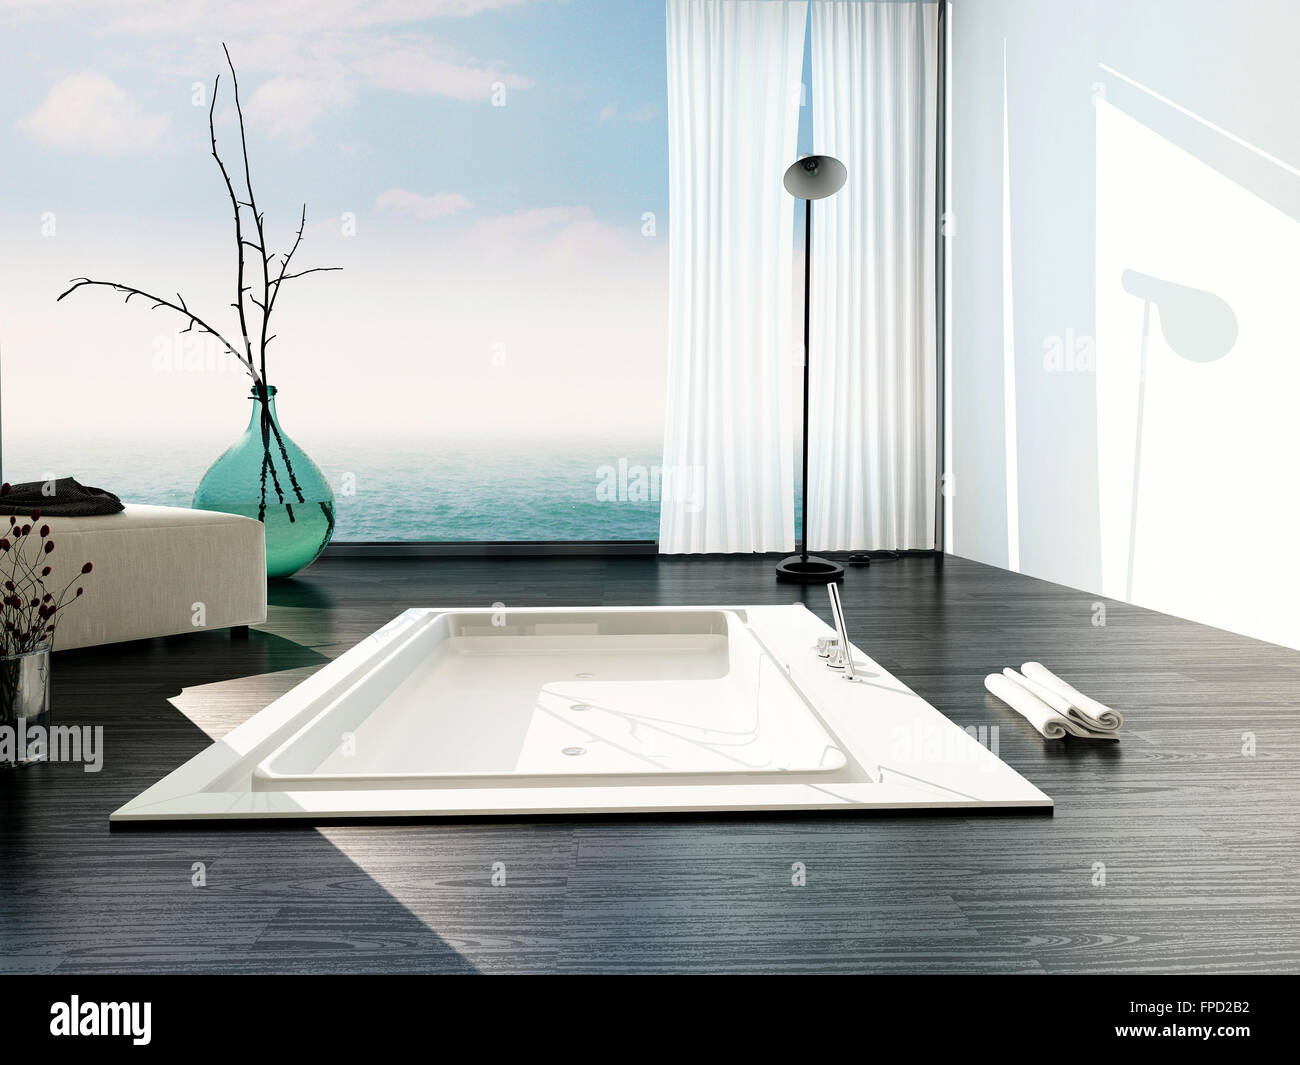 Vasche Da Bagno Moderne : Elegante vasca da bagno incassata in un bagno moderno con grandi